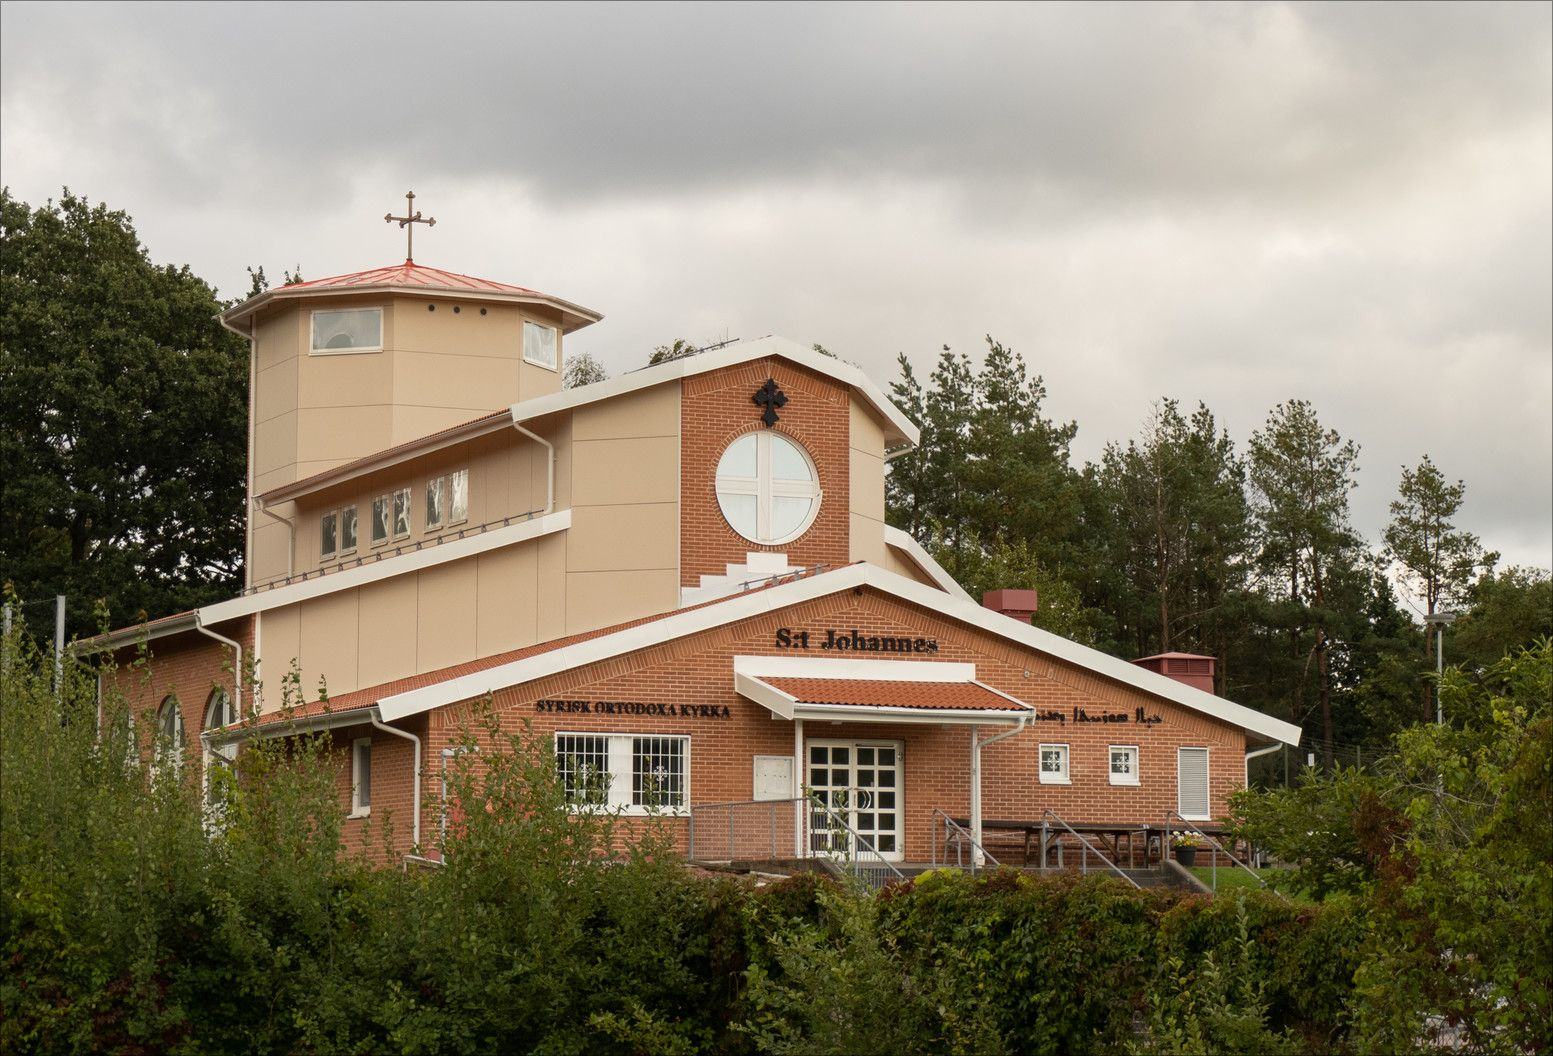 Sankt Johannes Syrisk Ortodoxa Kyrkan.jpg